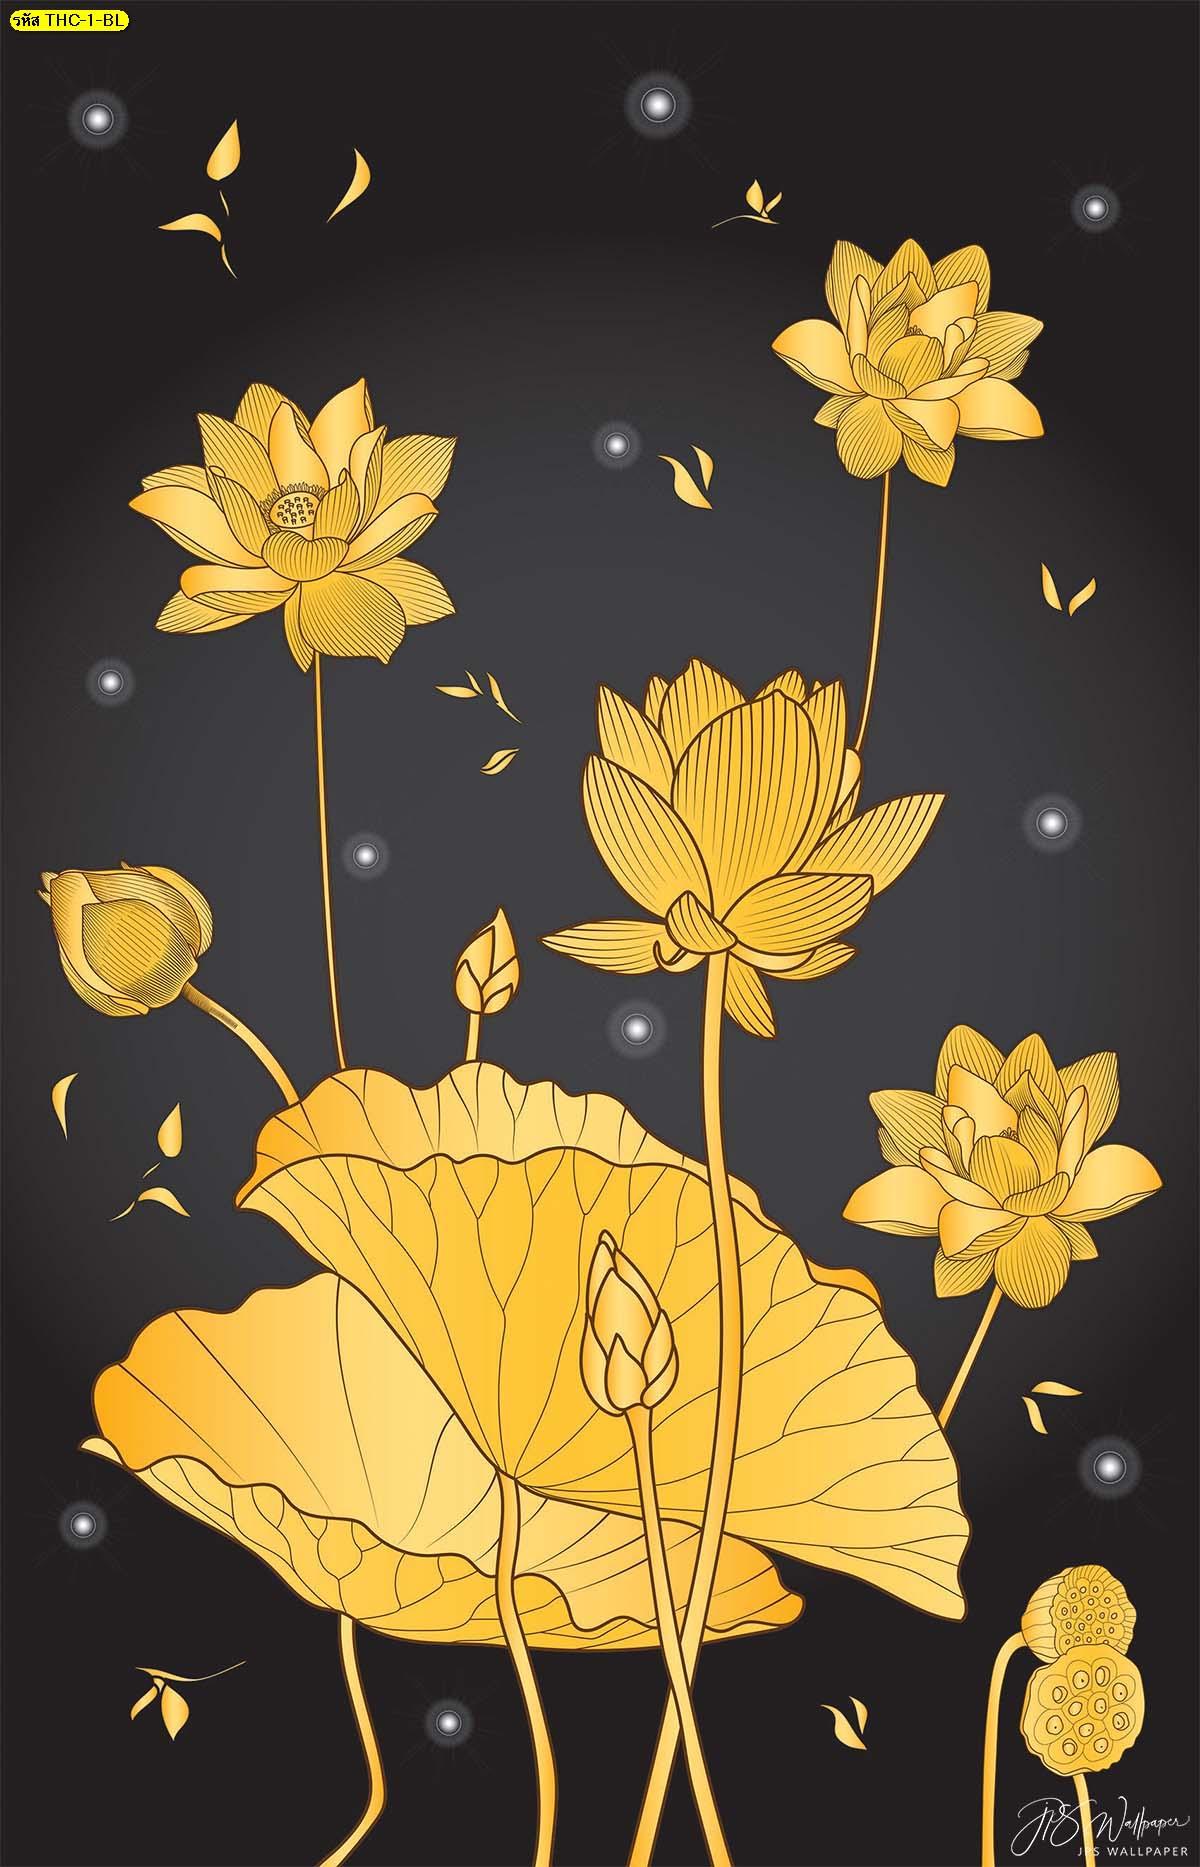 วอลเปเปอร์ลายดอกบัวทองพื้นสีดำ รูปดอกบัวบาน ฉากหลังห้องพระสวยๆ